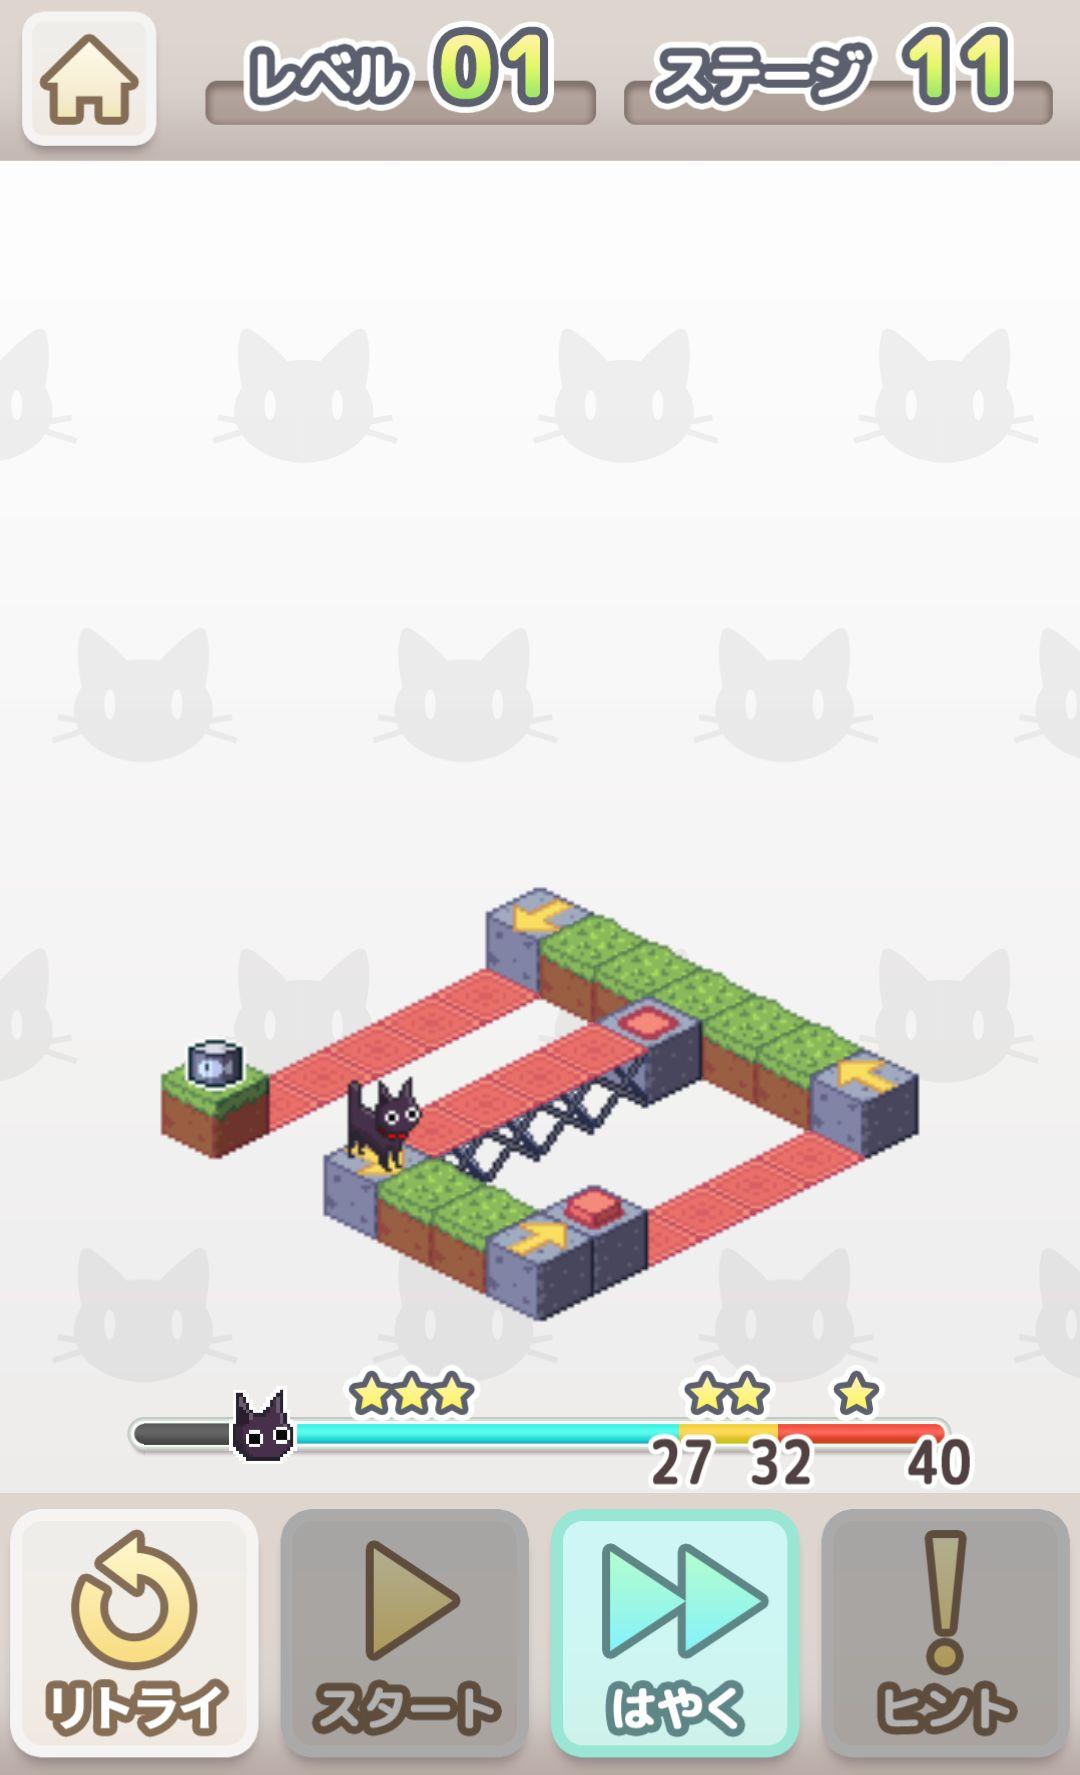 シュレディンガーの箱庭 androidアプリスクリーンショット1